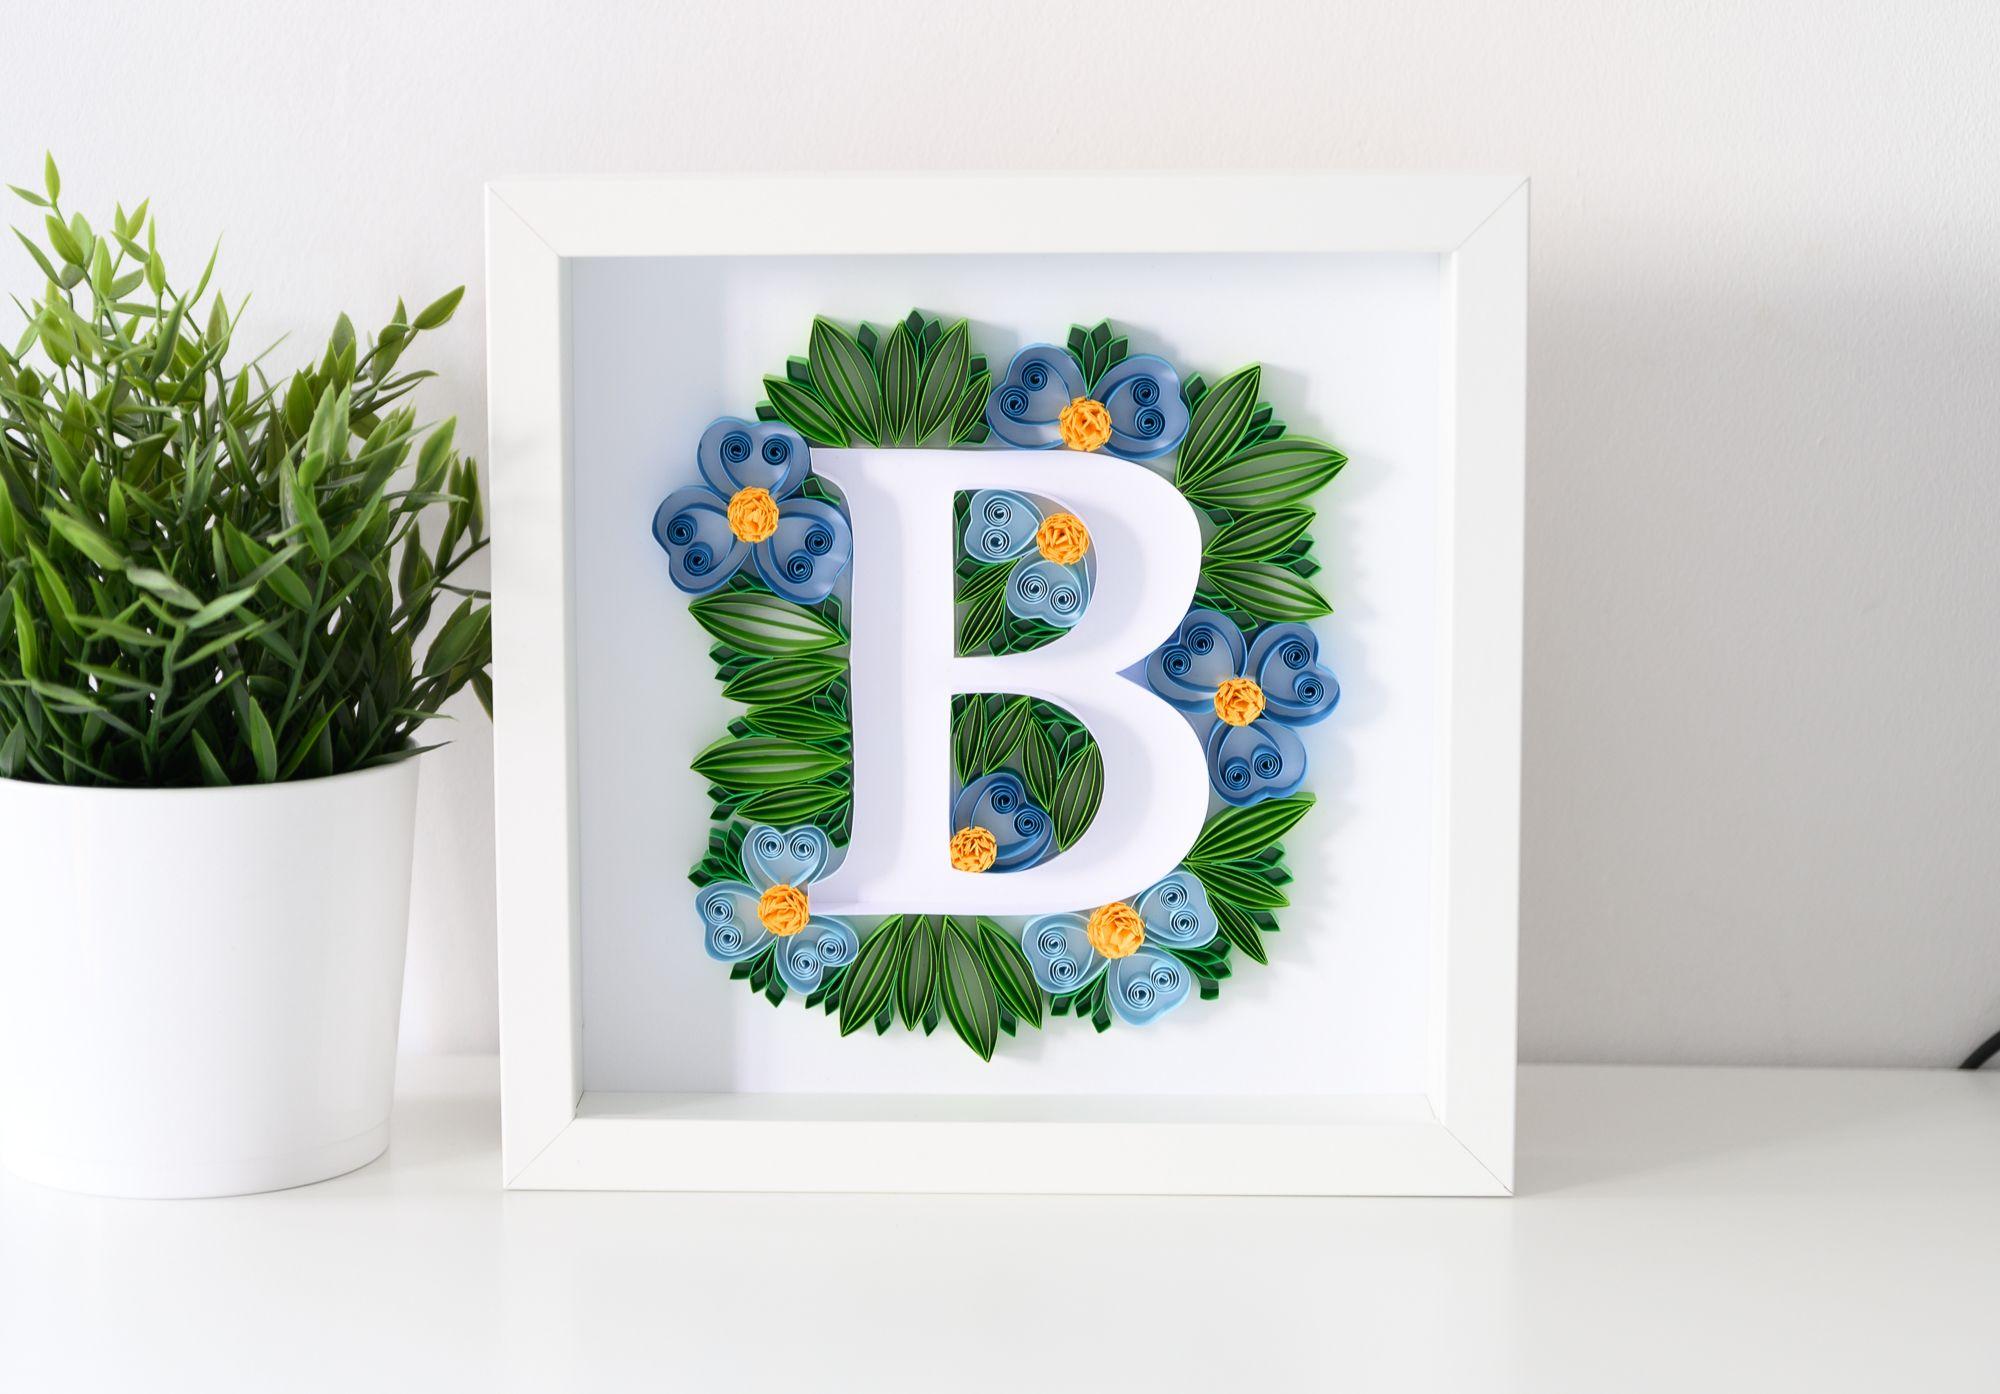 Litera B W Ramce Inicjal Na Sciane Dekoracja Z Imieniem Dziecka Polskie Rekodzielo Quilling Letters Paper Quilling Cards Initial Wall Art